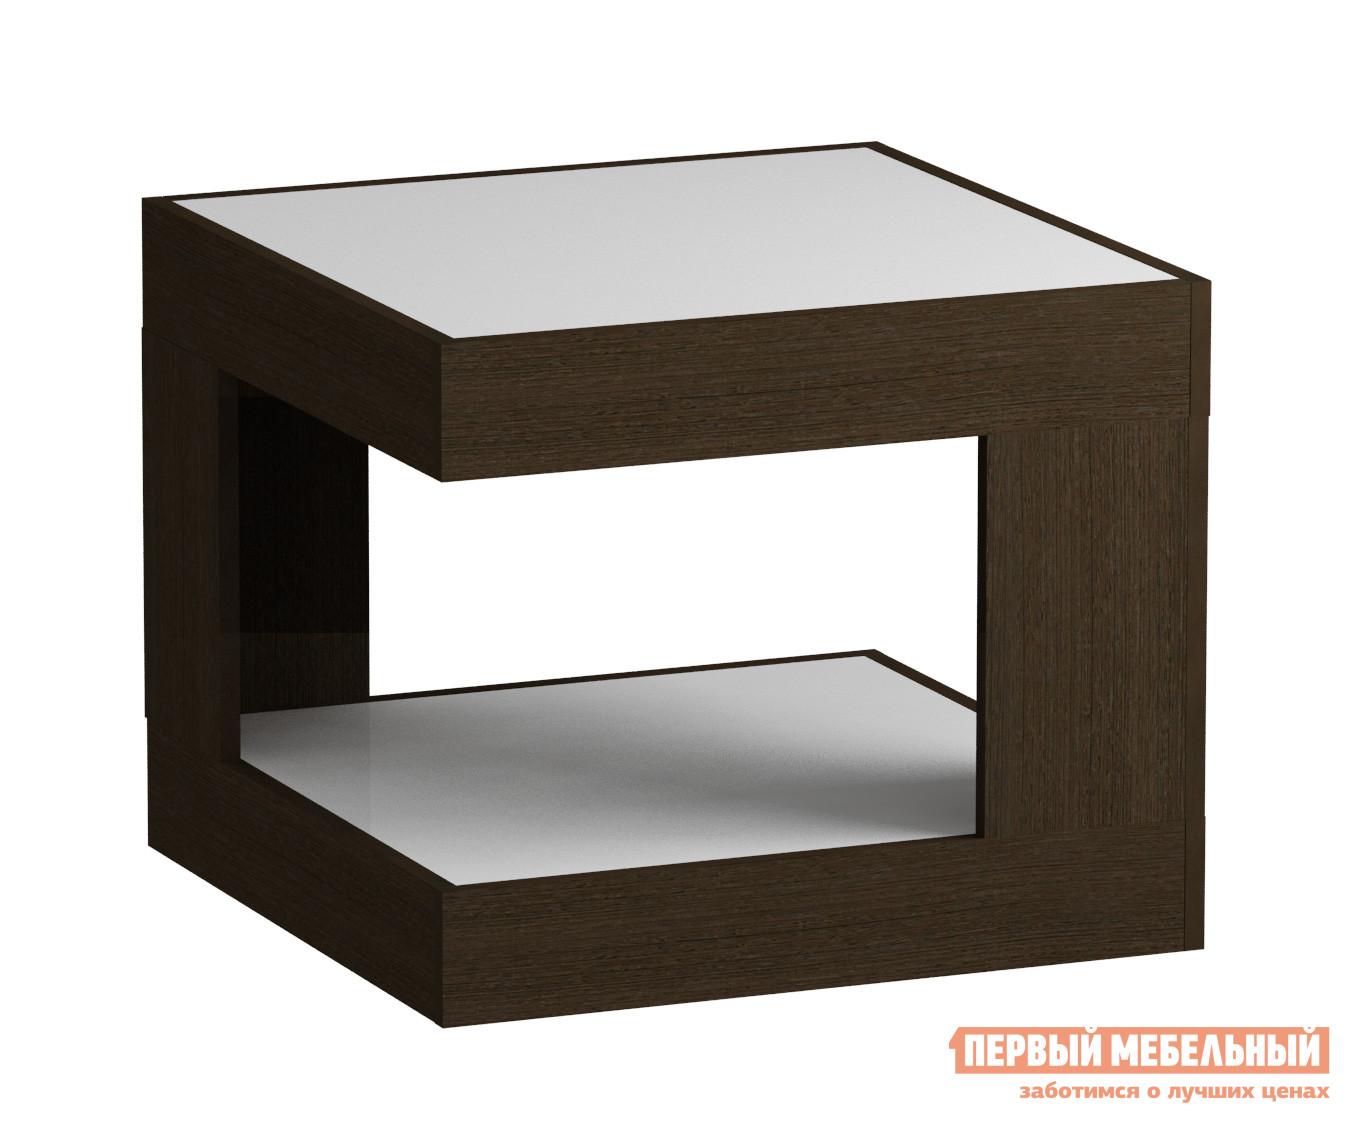 Журнальный столик  Leset LS 746 Венге / Белое стекло